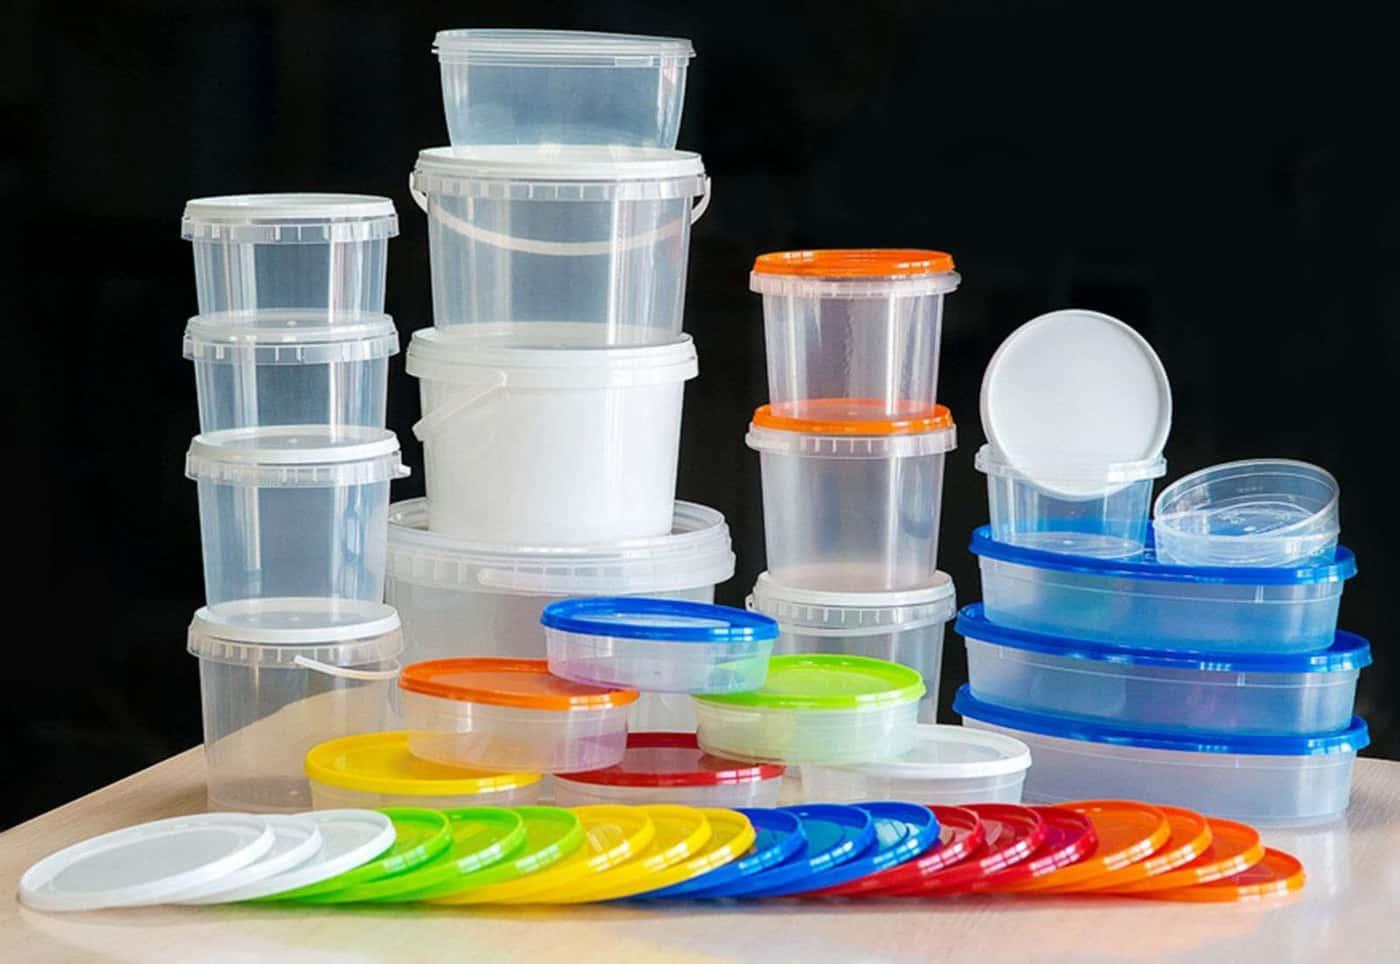 Оборудование для упаковки в пластиковую тару